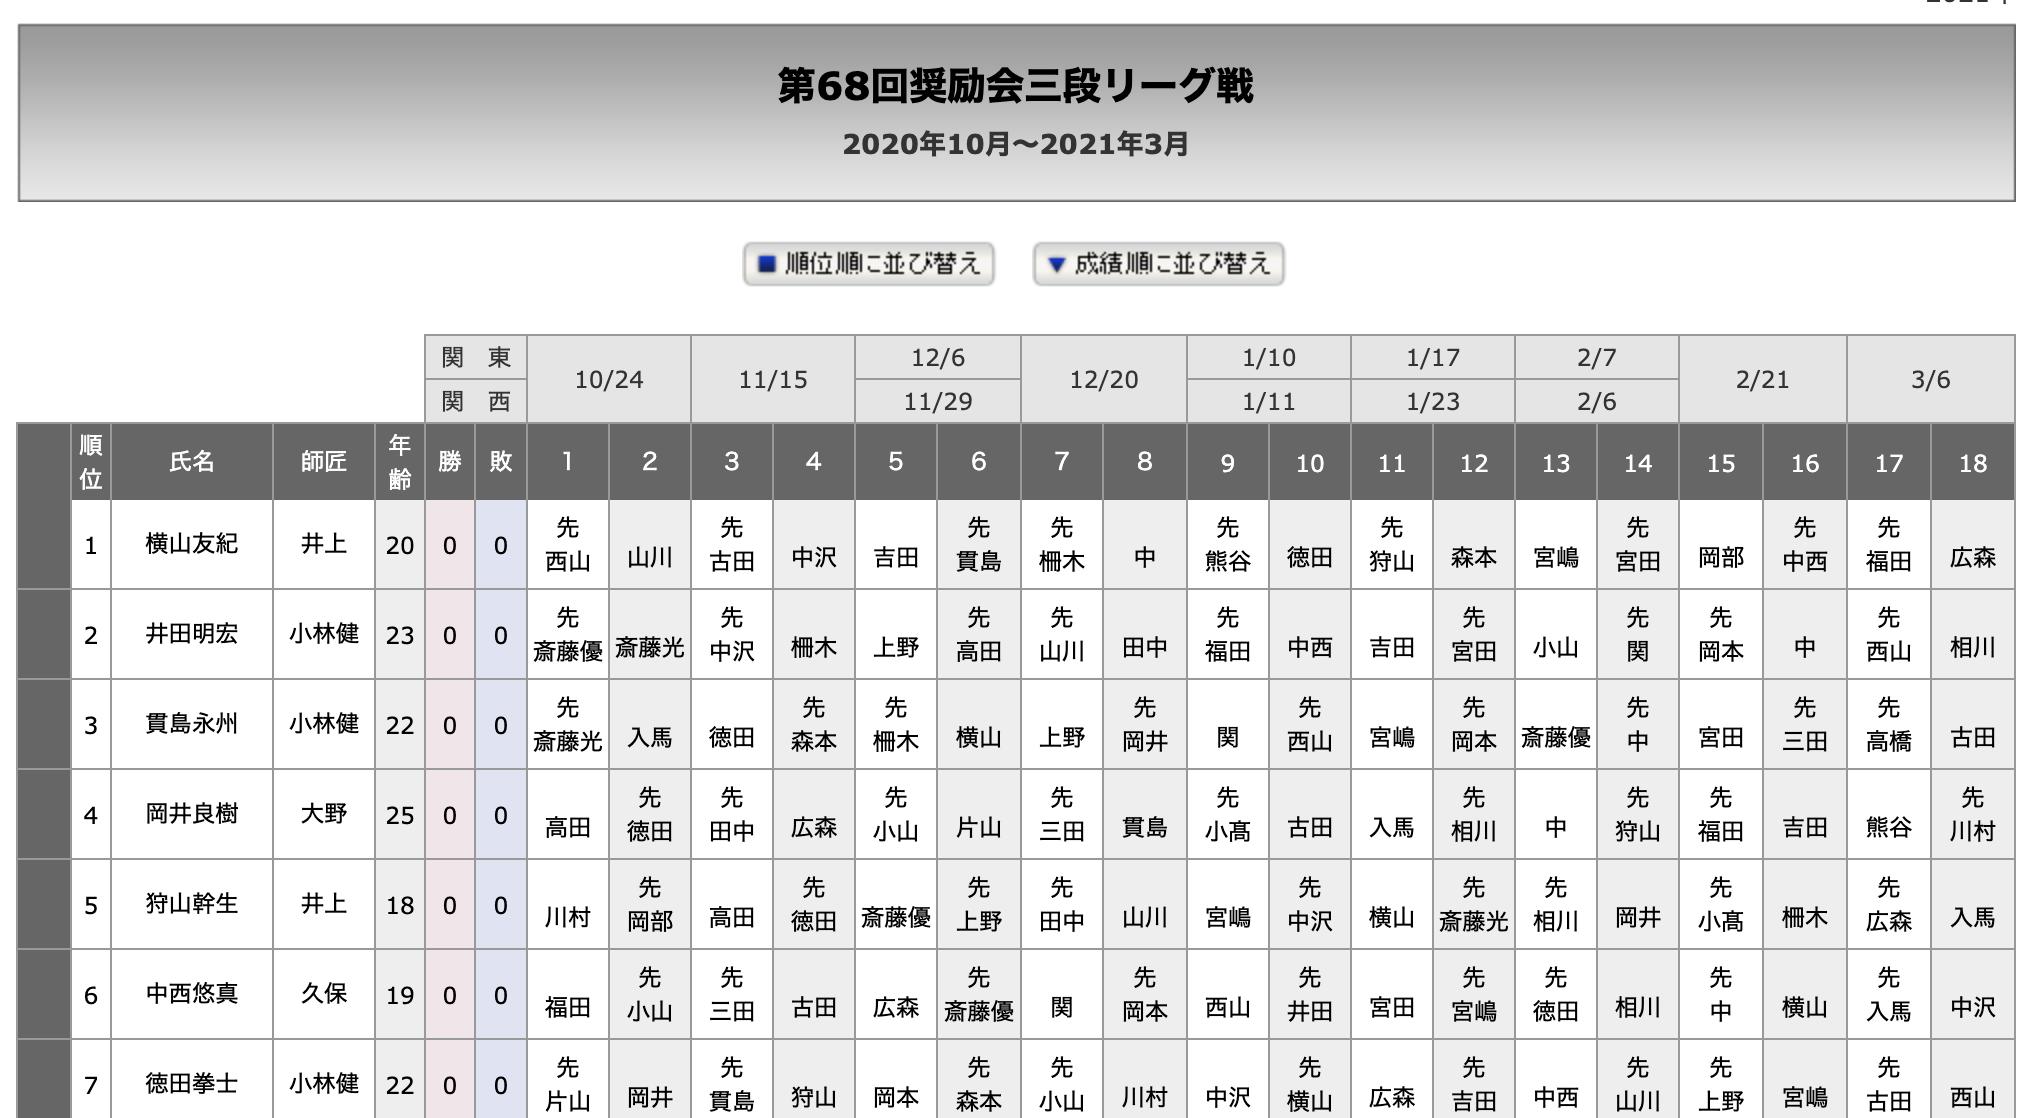 スクリーンショット 2020 10 17 0.37.48 - 【第68回奨励会三段リーグ戦】組み合わせが決定